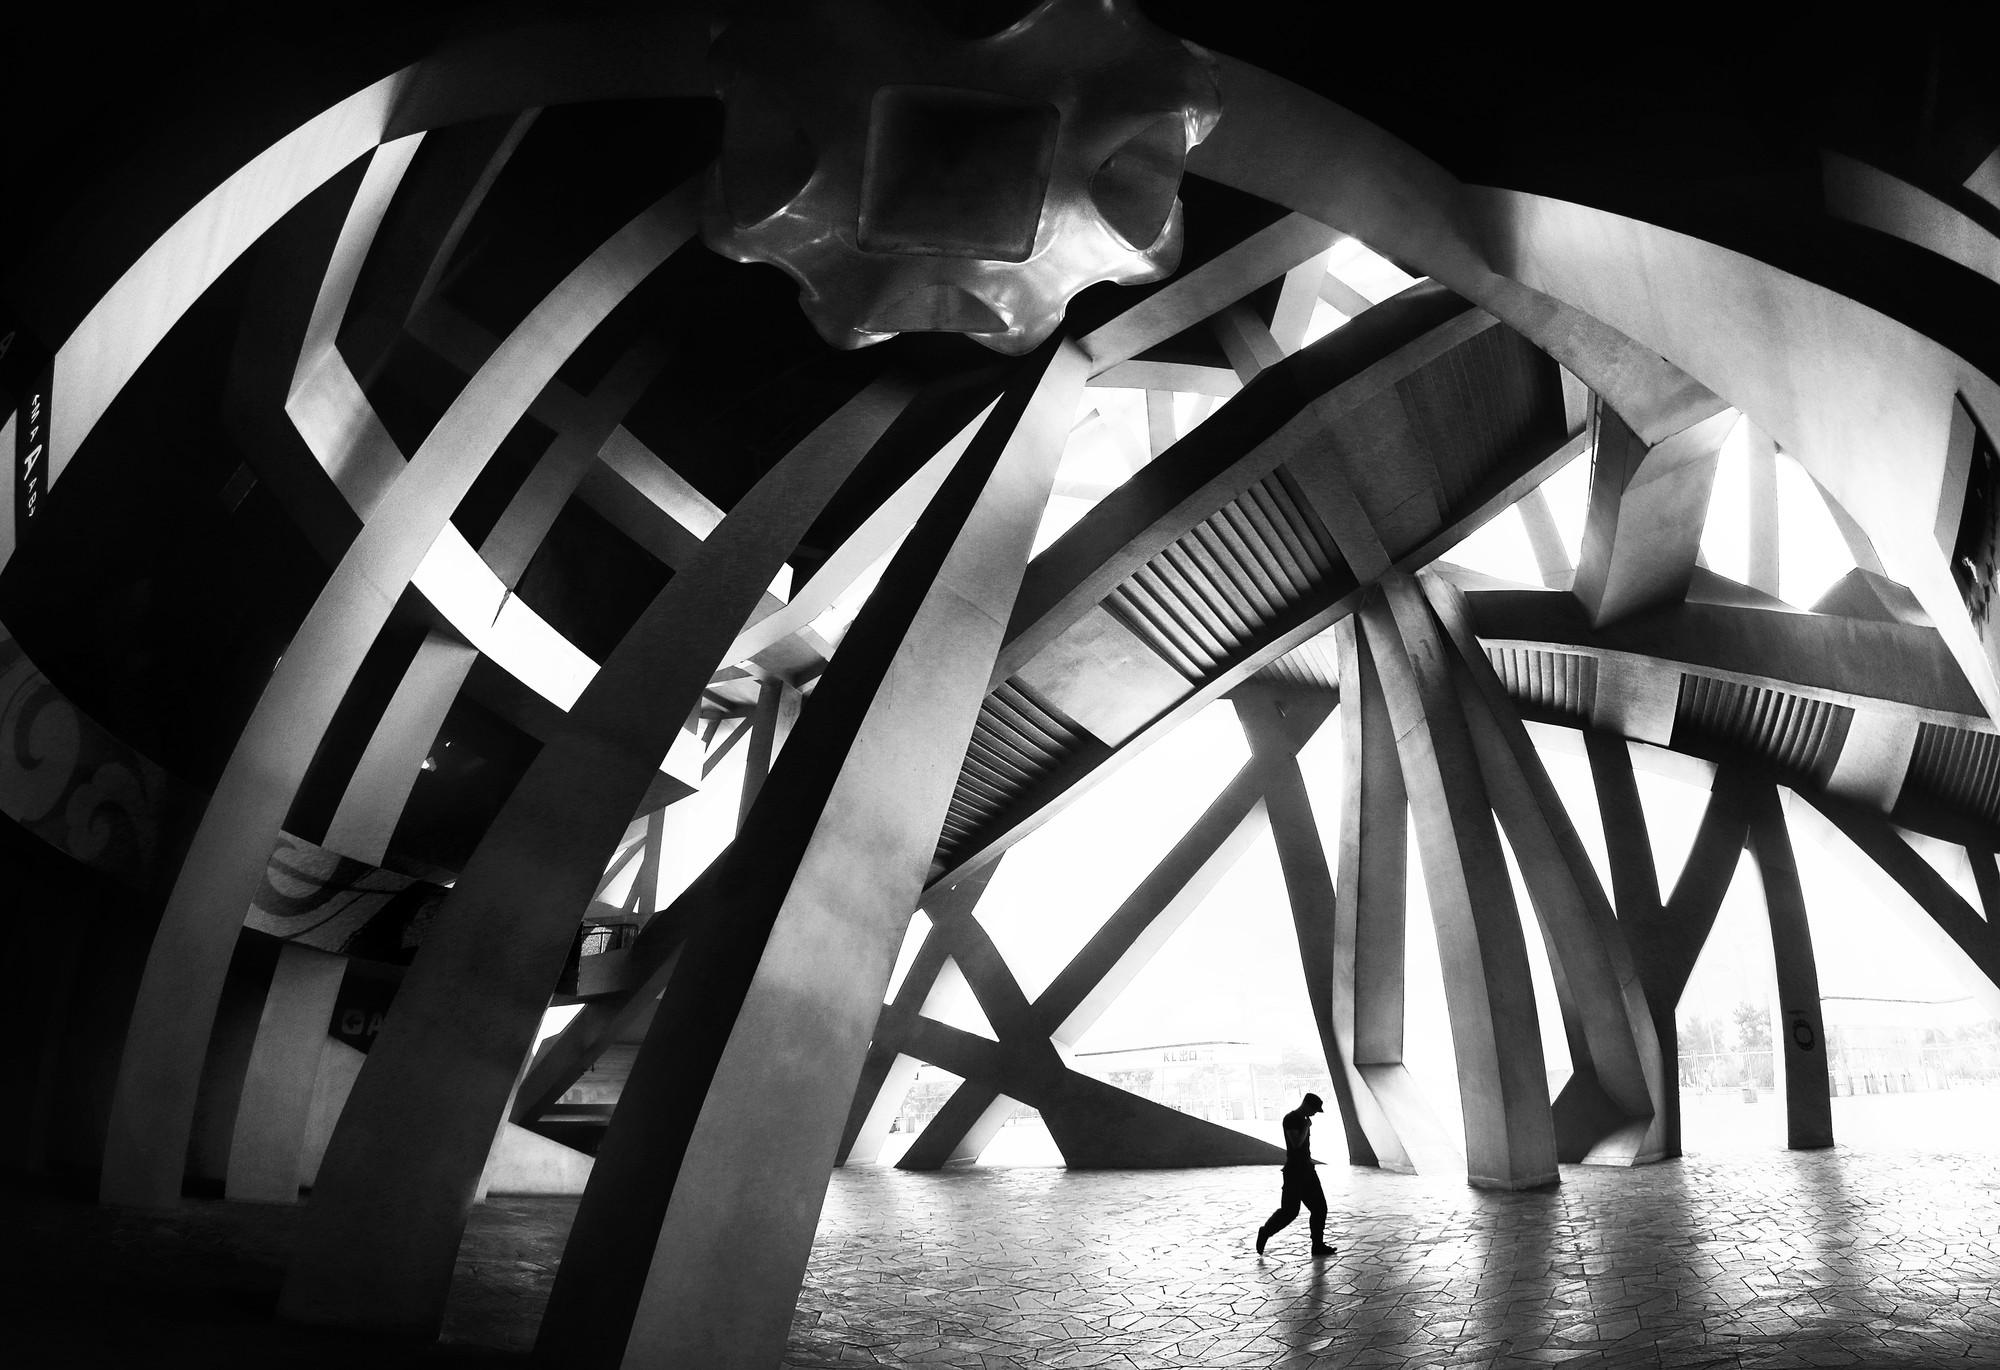 """Fotografía de Arquitectura: 15 finalistas nominados al """"Art of Building Photographer of the Year Award"""", Bird's Nest Puzzle Close-Up. Image © Mario Bejagan Cardenas"""